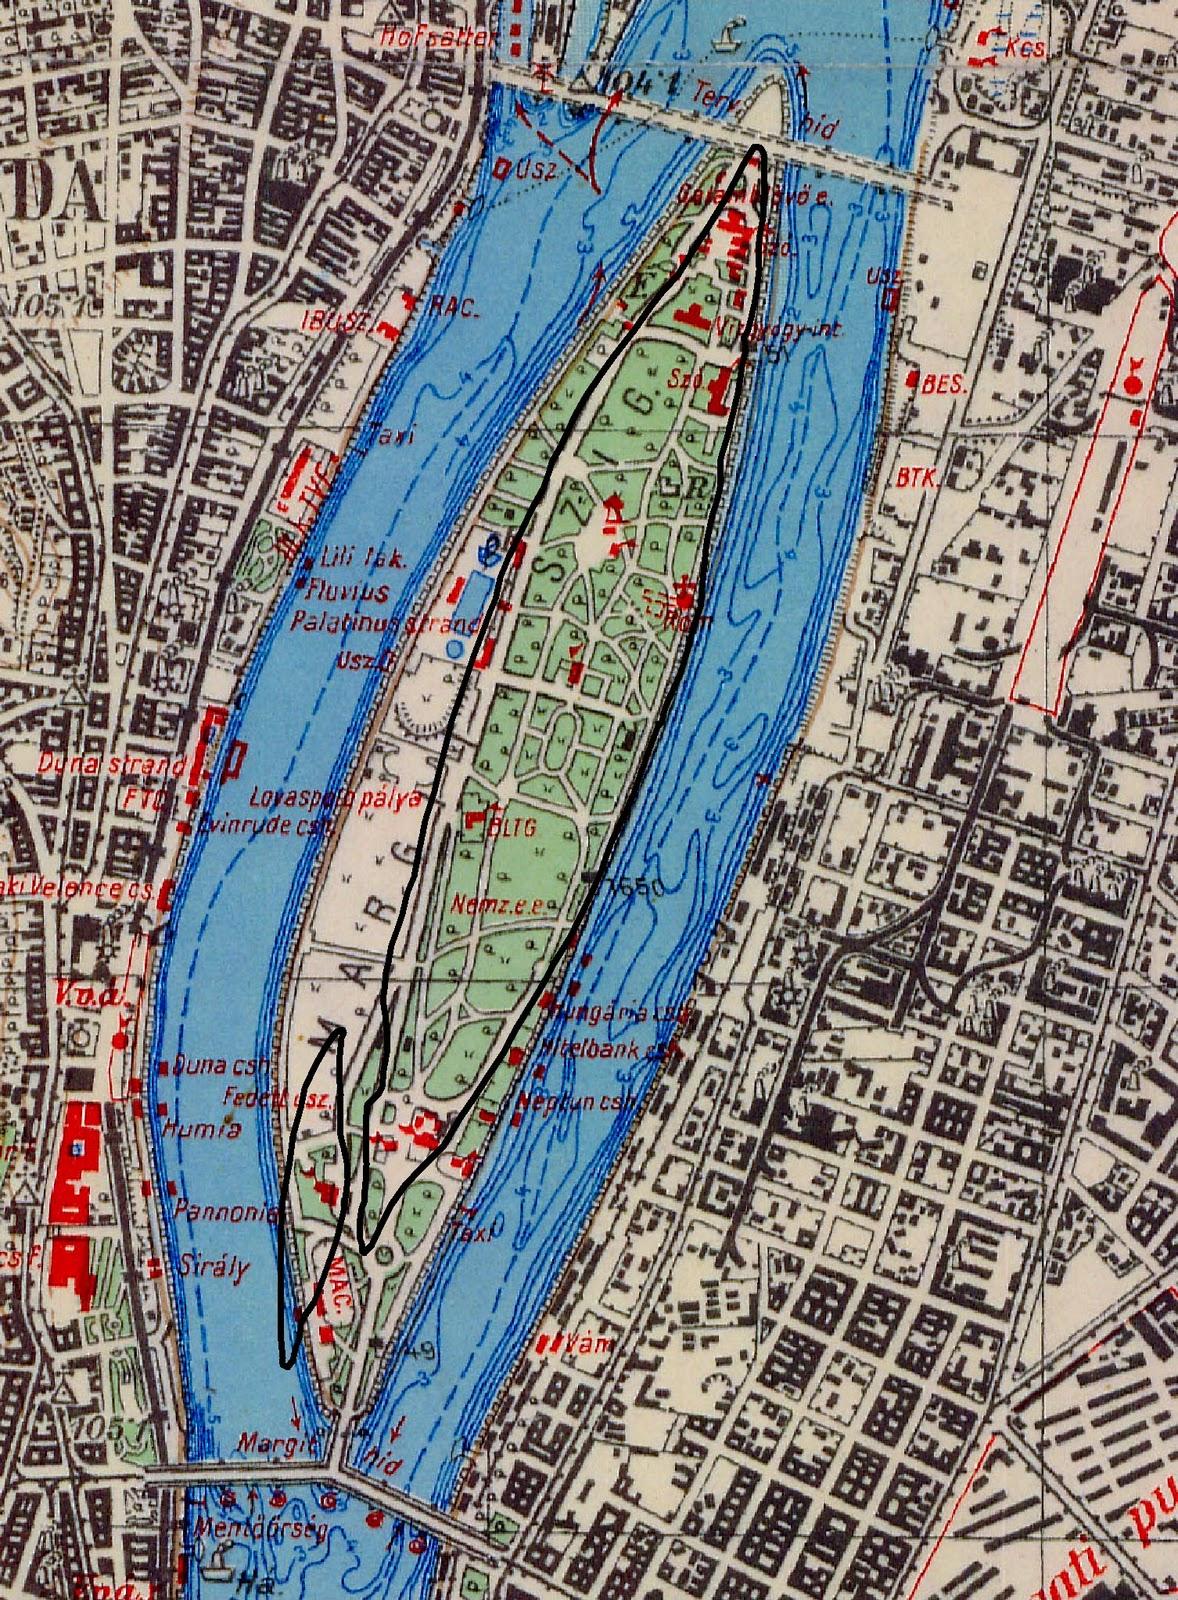 budapest térkép hajógyári sziget Dunai Szigetek: A felhizlalt Margit sziget budapest térkép hajógyári sziget